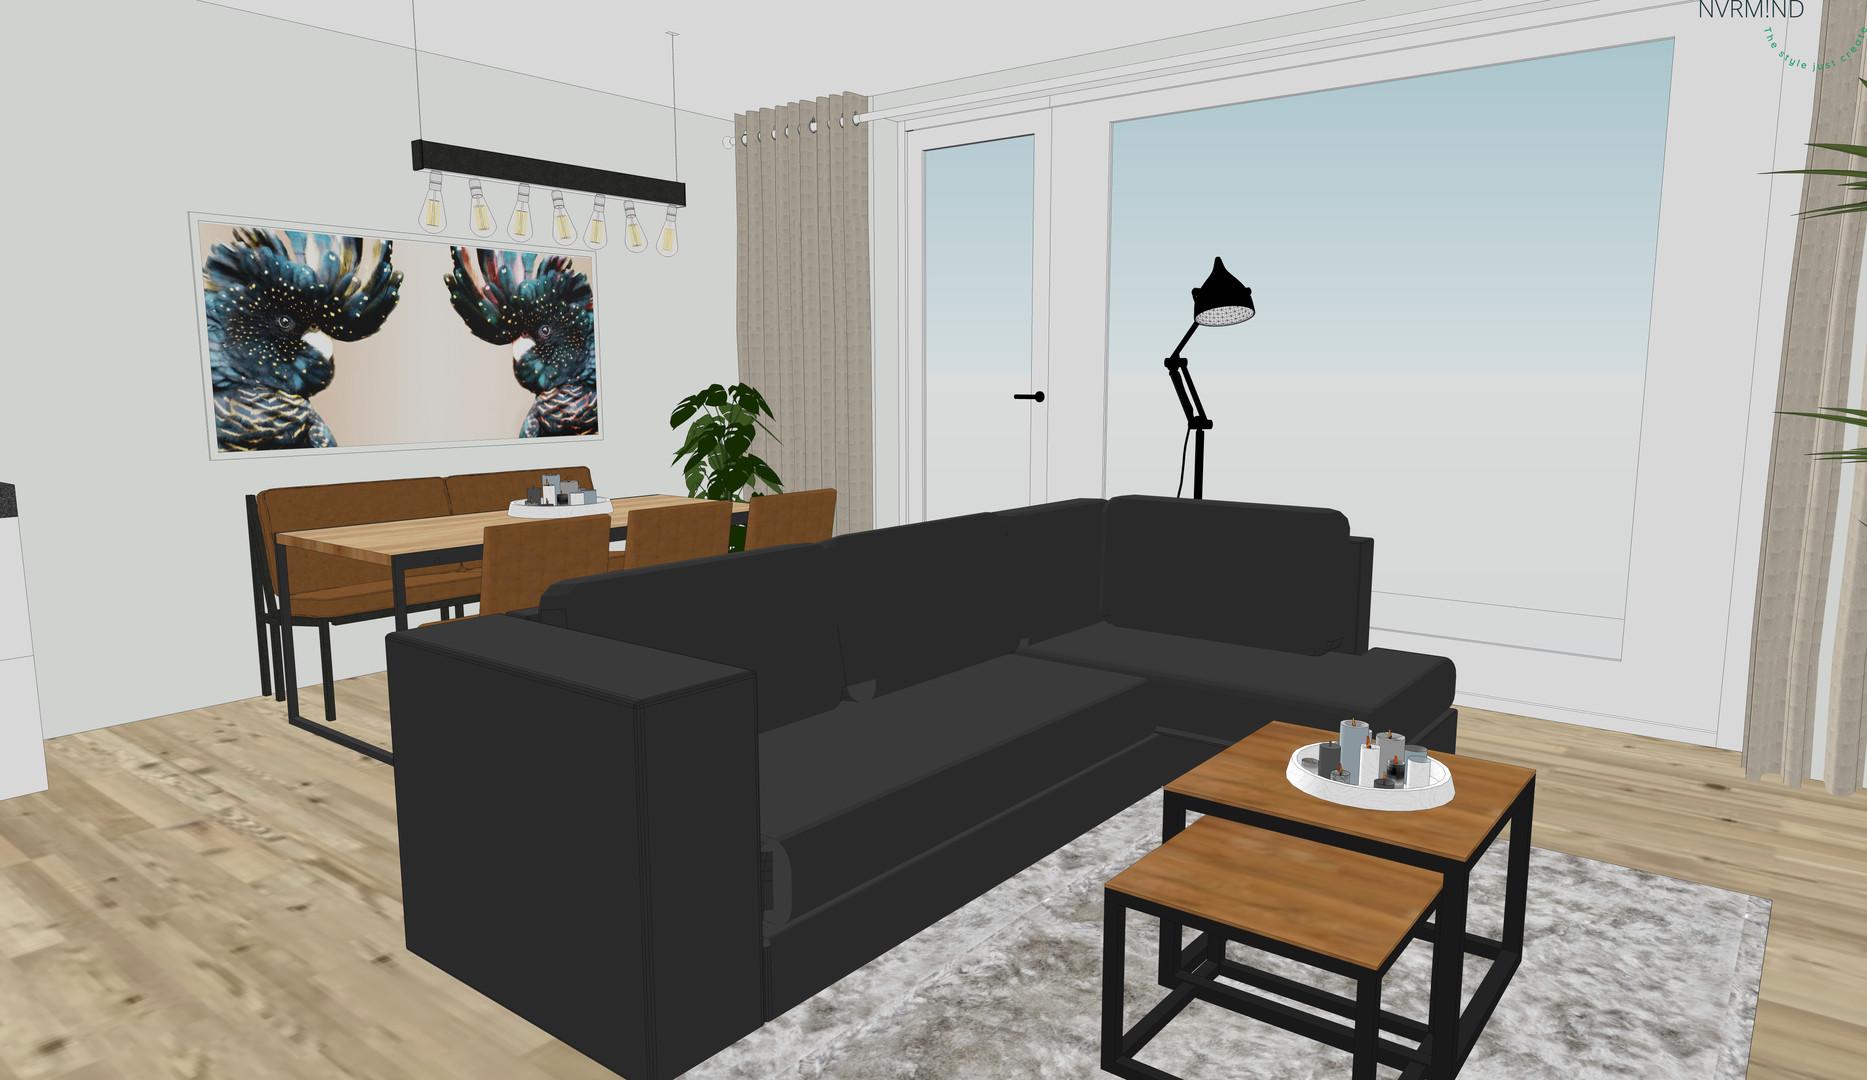 3D ontwerp presentatie woonkamer